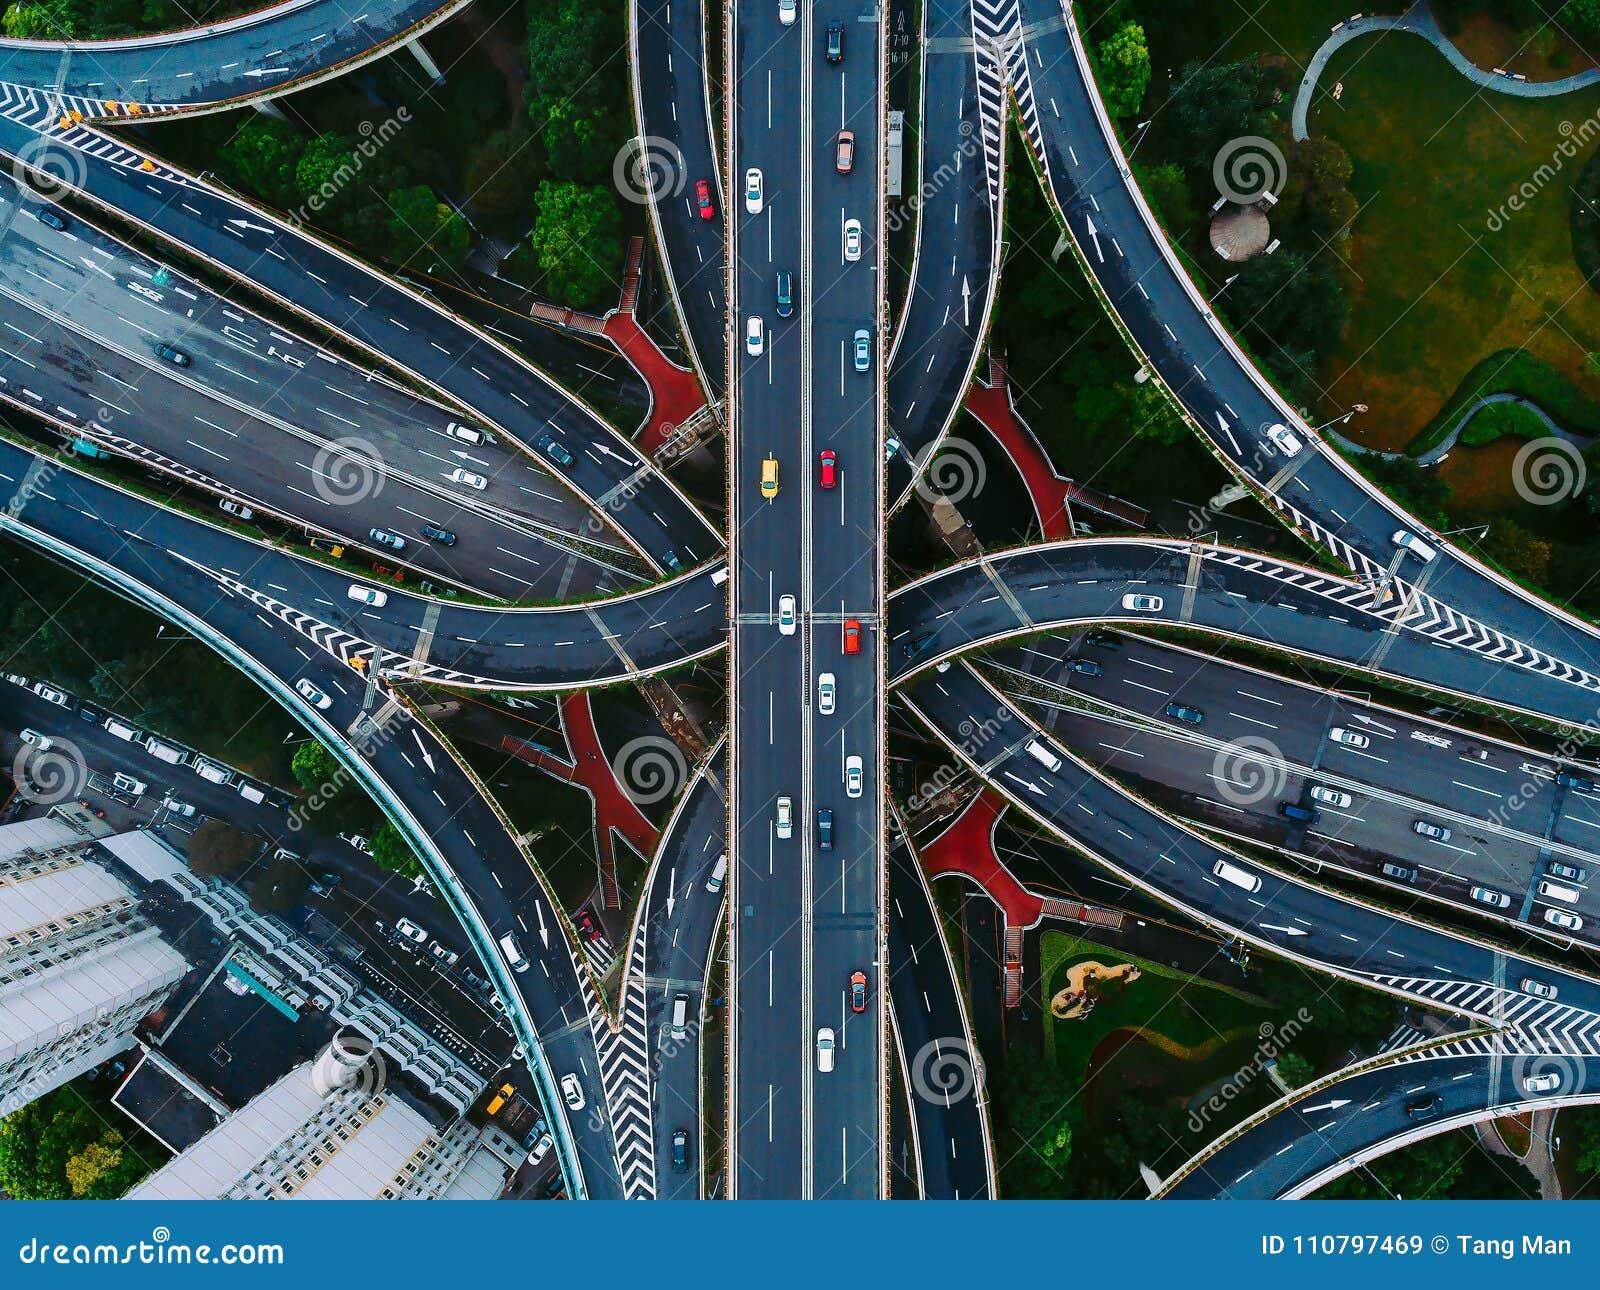 上海街道和交叉点从上面